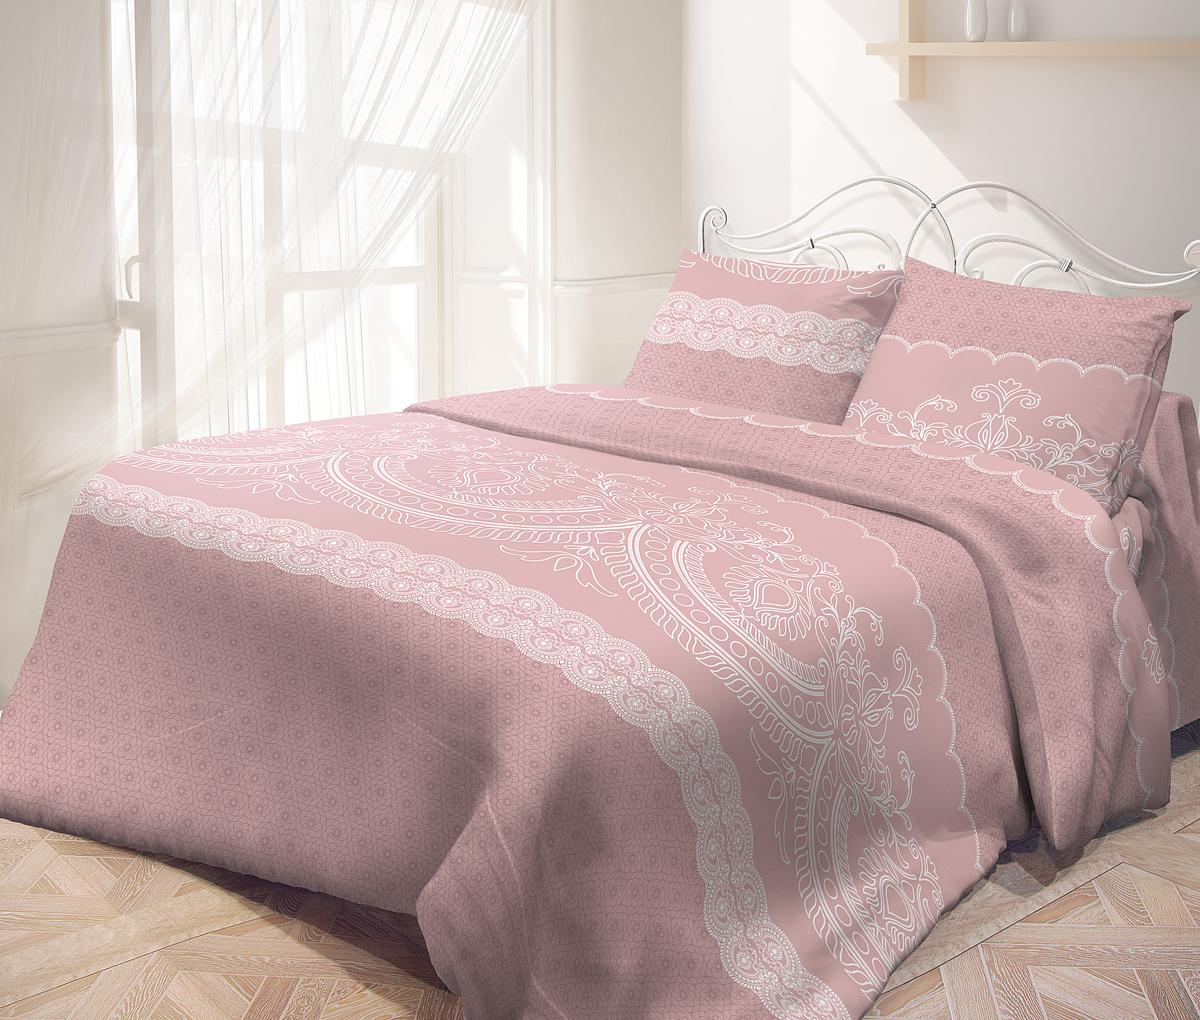 """Комплекты постельного белья """"Самойловский текстиль"""" - это максимально натуральный, естественный комфорт и невероятно приятные тактильные ощущения и актуальные современные дизайны.  Чрезвычайно мягкая на ощупь поверхность хлопковой ткани Cottonsoft - будто нежный и мягкий лепесток цветка. Она имеет бархатистую структуру благодаря использованию особого сырья и технологий при производстве. Неприхотливая в уходе, 100% натуральная, износостойкая, но самое главное - особенно мягкая, она безусловно понравится тем, кто любит понежиться в постели и станет отличной альтернативой традиционным комплектам из тканей полотняной структуры.  Комплект состоит из пододеяльника, простыни и двух наволочек.       Советы по выбору постельного белья от блогера Ирины Соковых. Статья OZON Гид"""